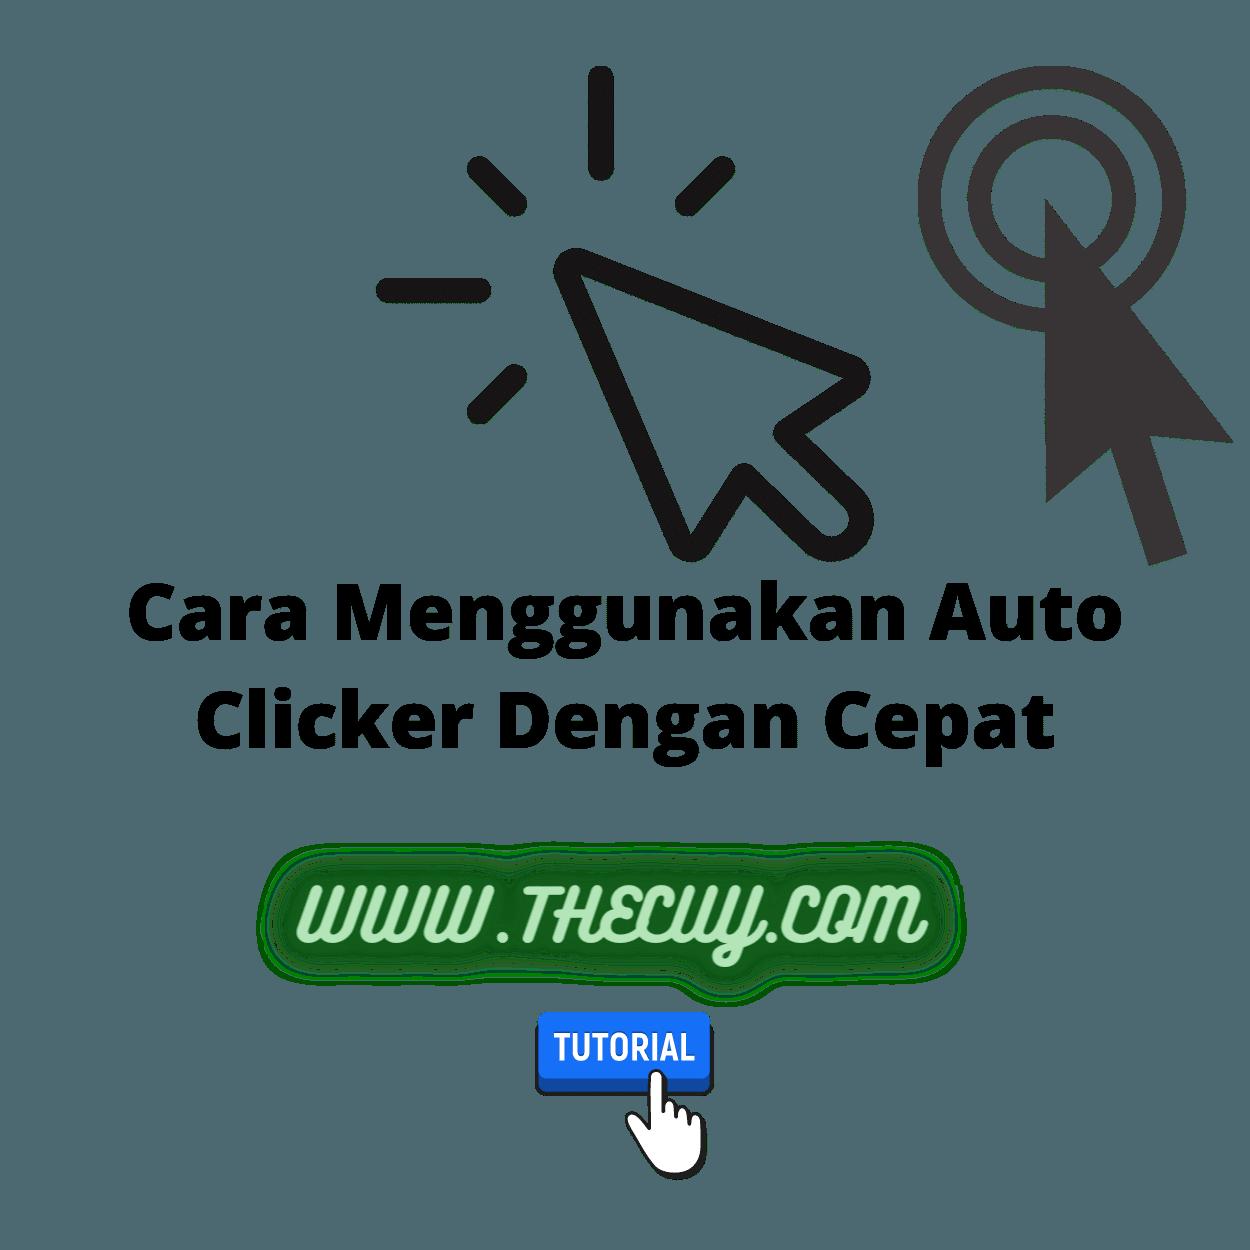 Cara Menggunakan Auto Clicker Dengan Cepat